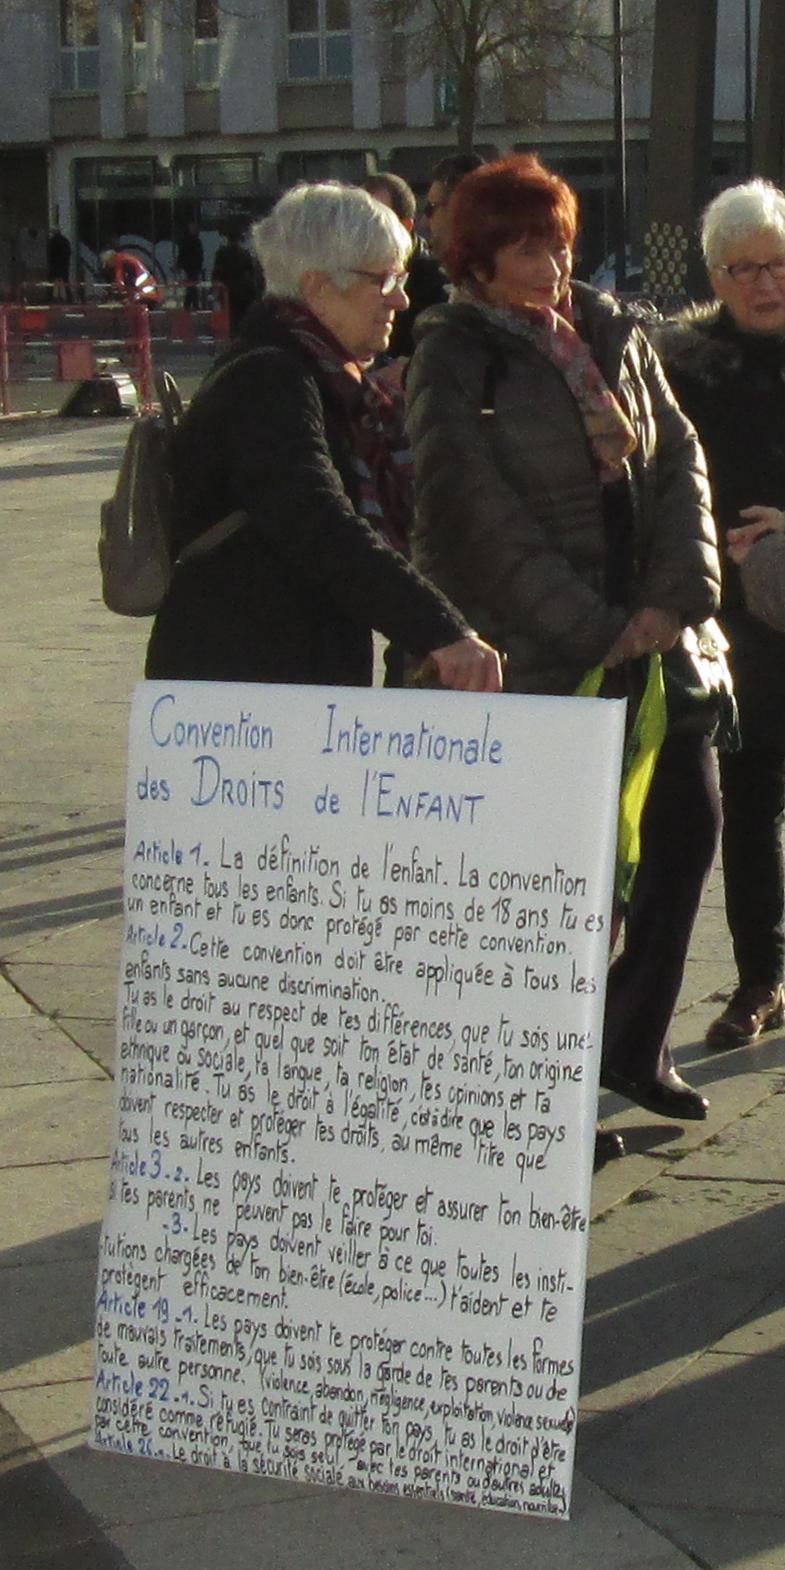 Chartres 20-11-2019 AERéSP Tractage Droits-de-l'Enfant 4